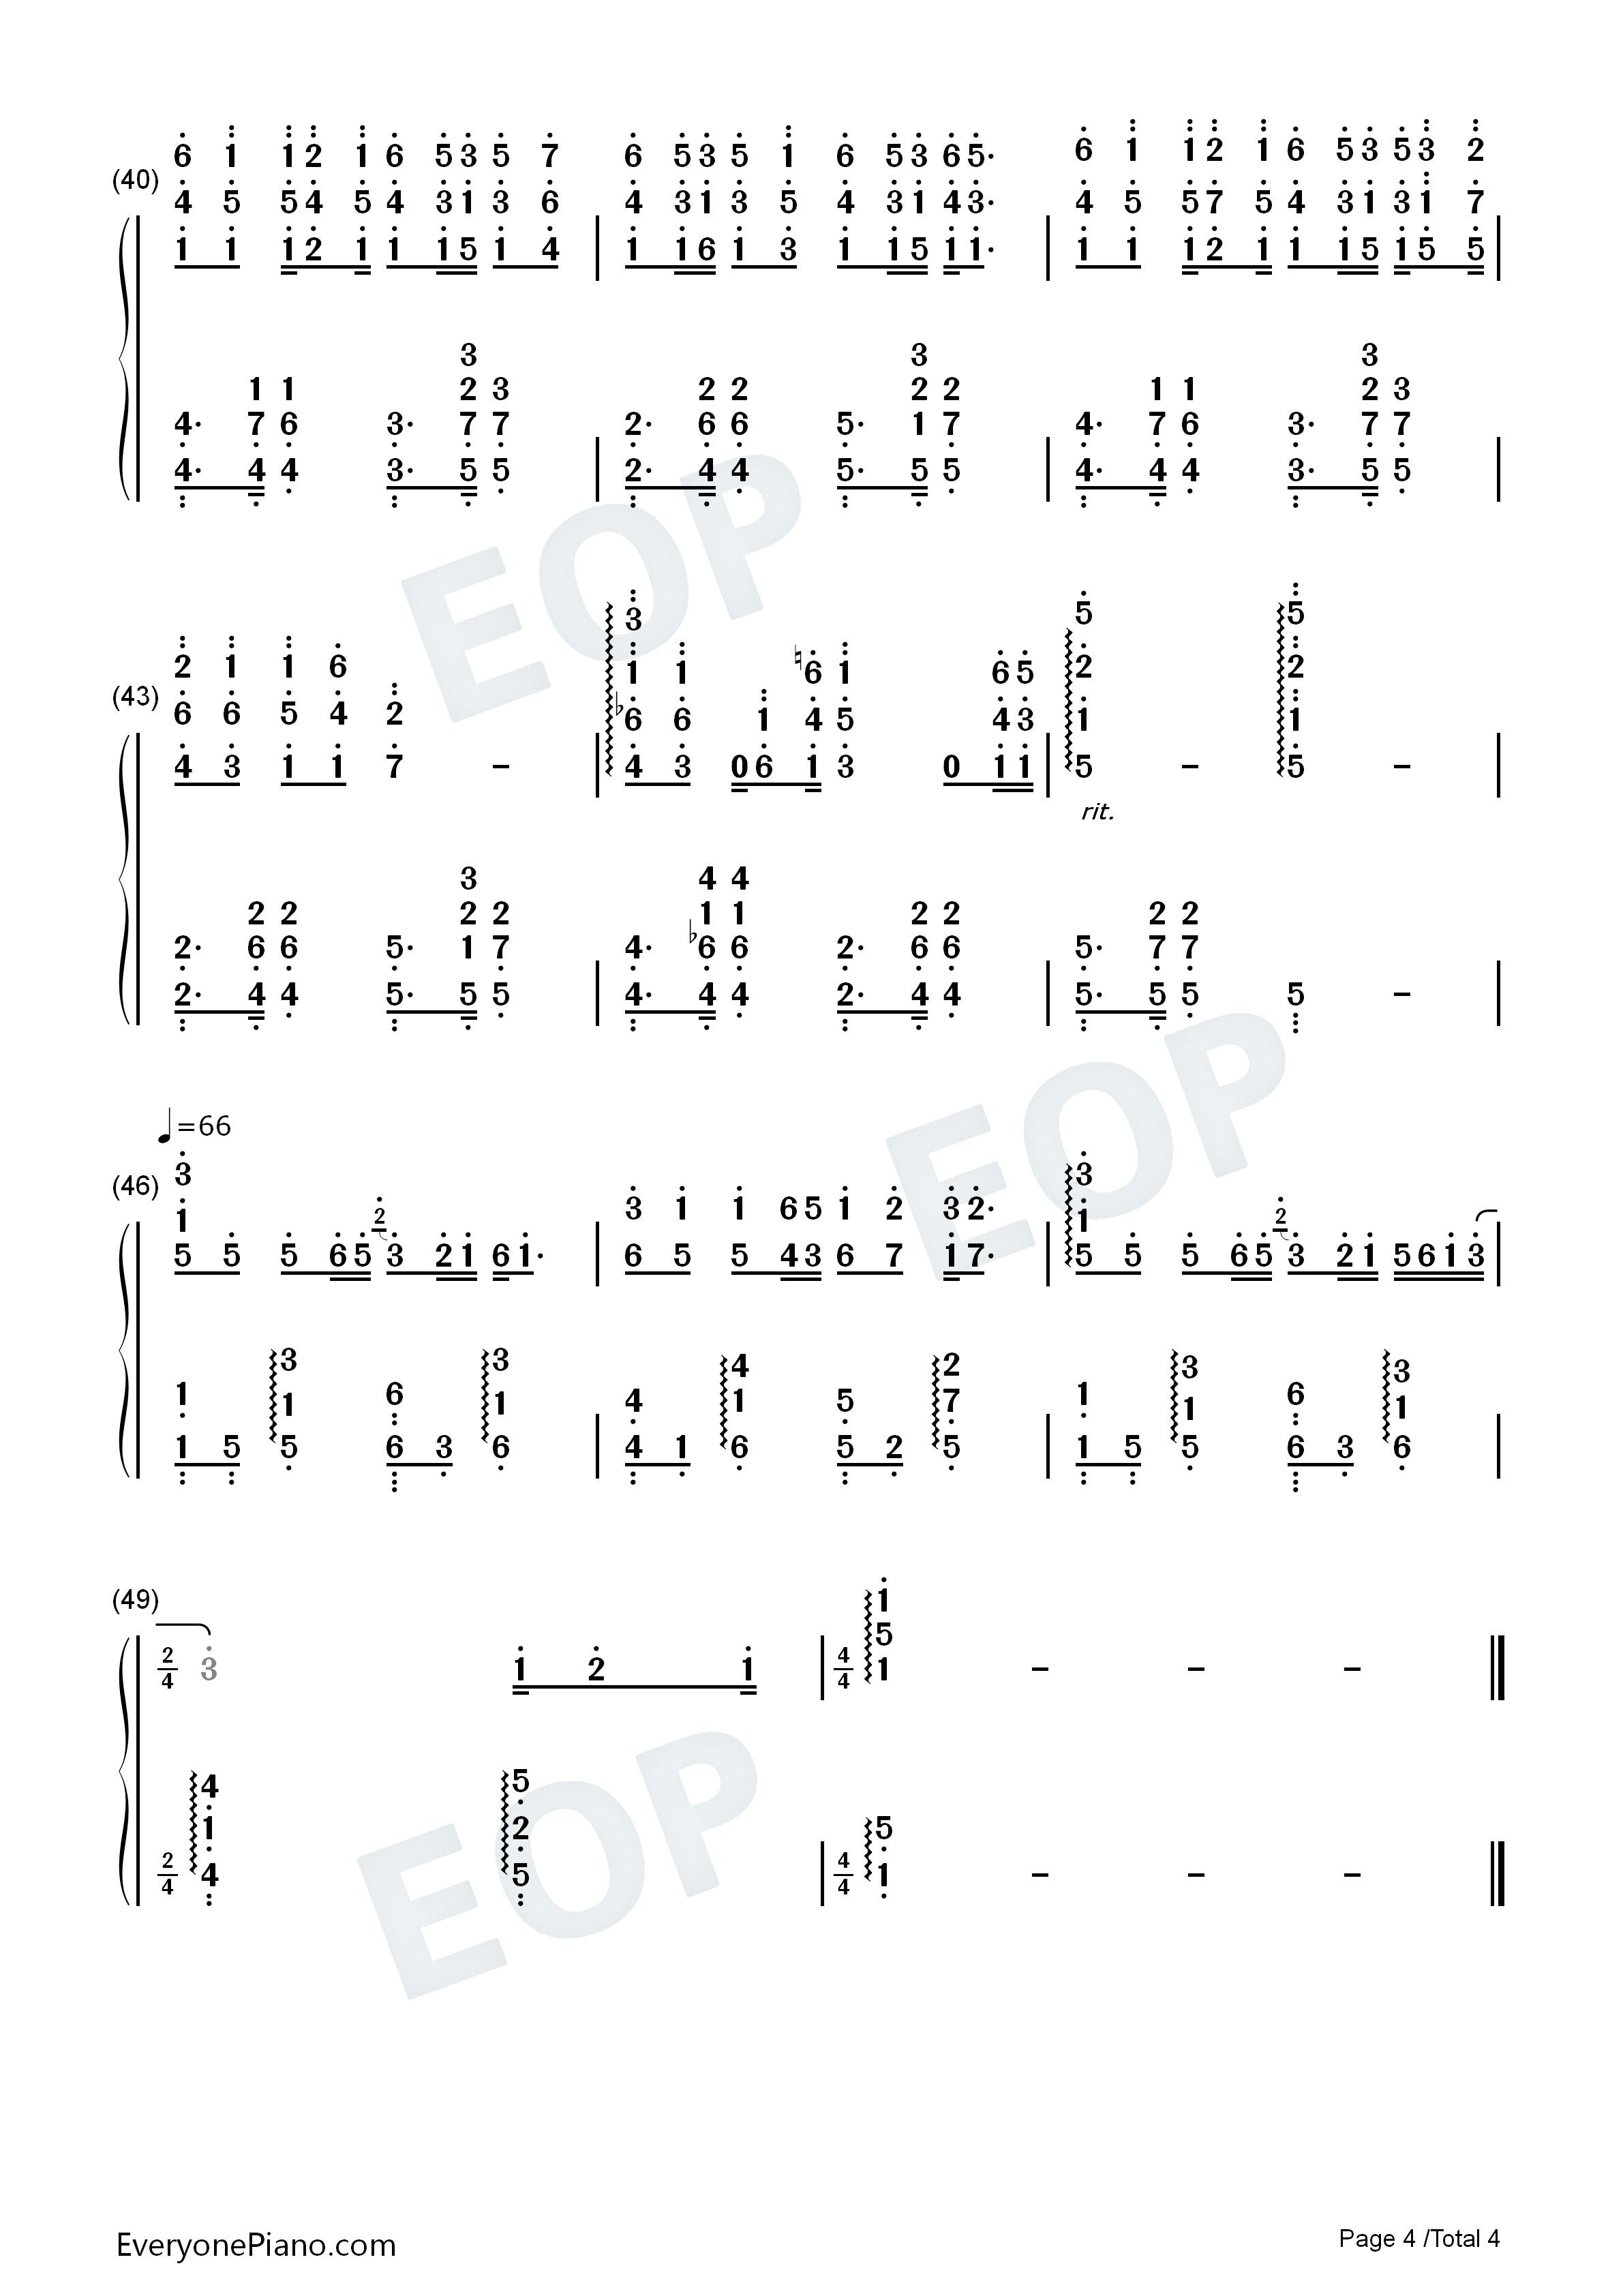 钢琴曲谱 流行 蝴蝶泉边-黄雅莉 蝴蝶泉边-黄雅莉双手简谱预览4  }